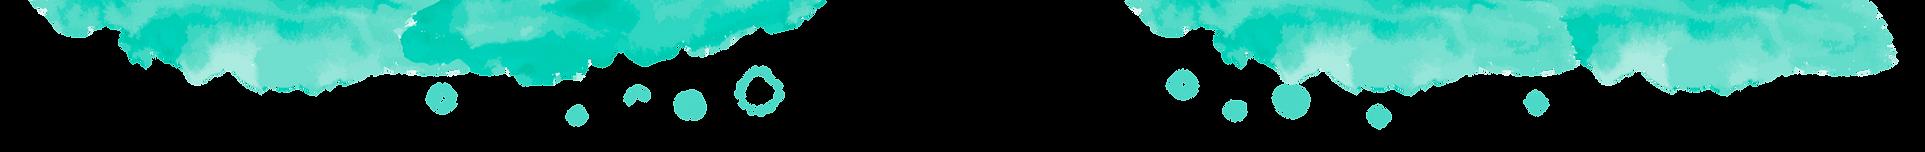 ヘッダー02.png